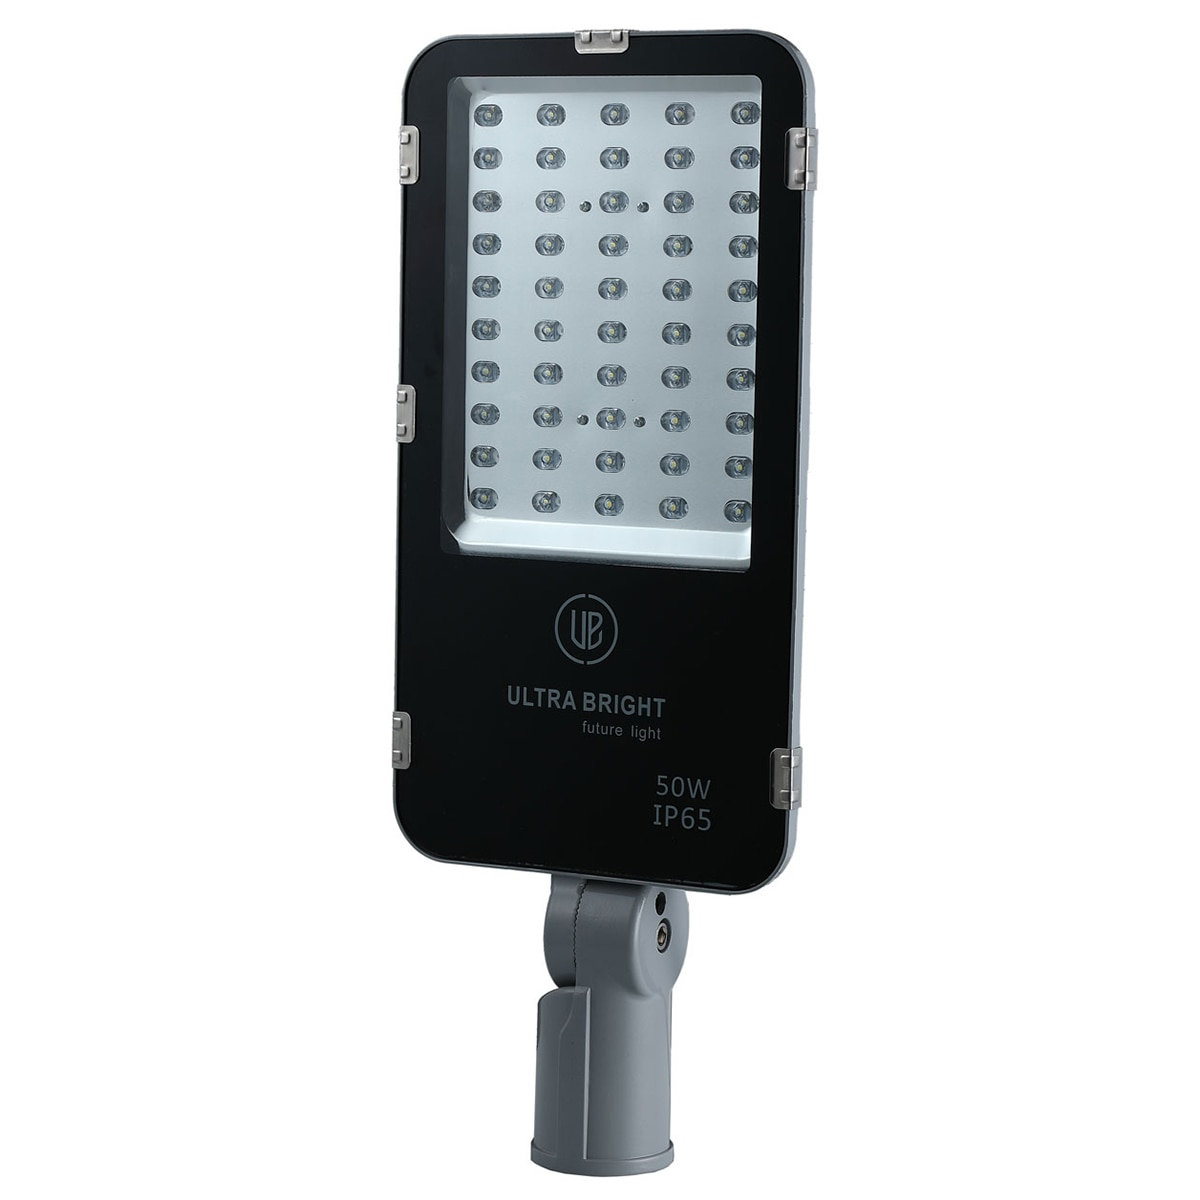 Fotografie Lampa LED iluminat stradal Ultra Bright, 50W, 4500 lm, 6400K, A++, IP65